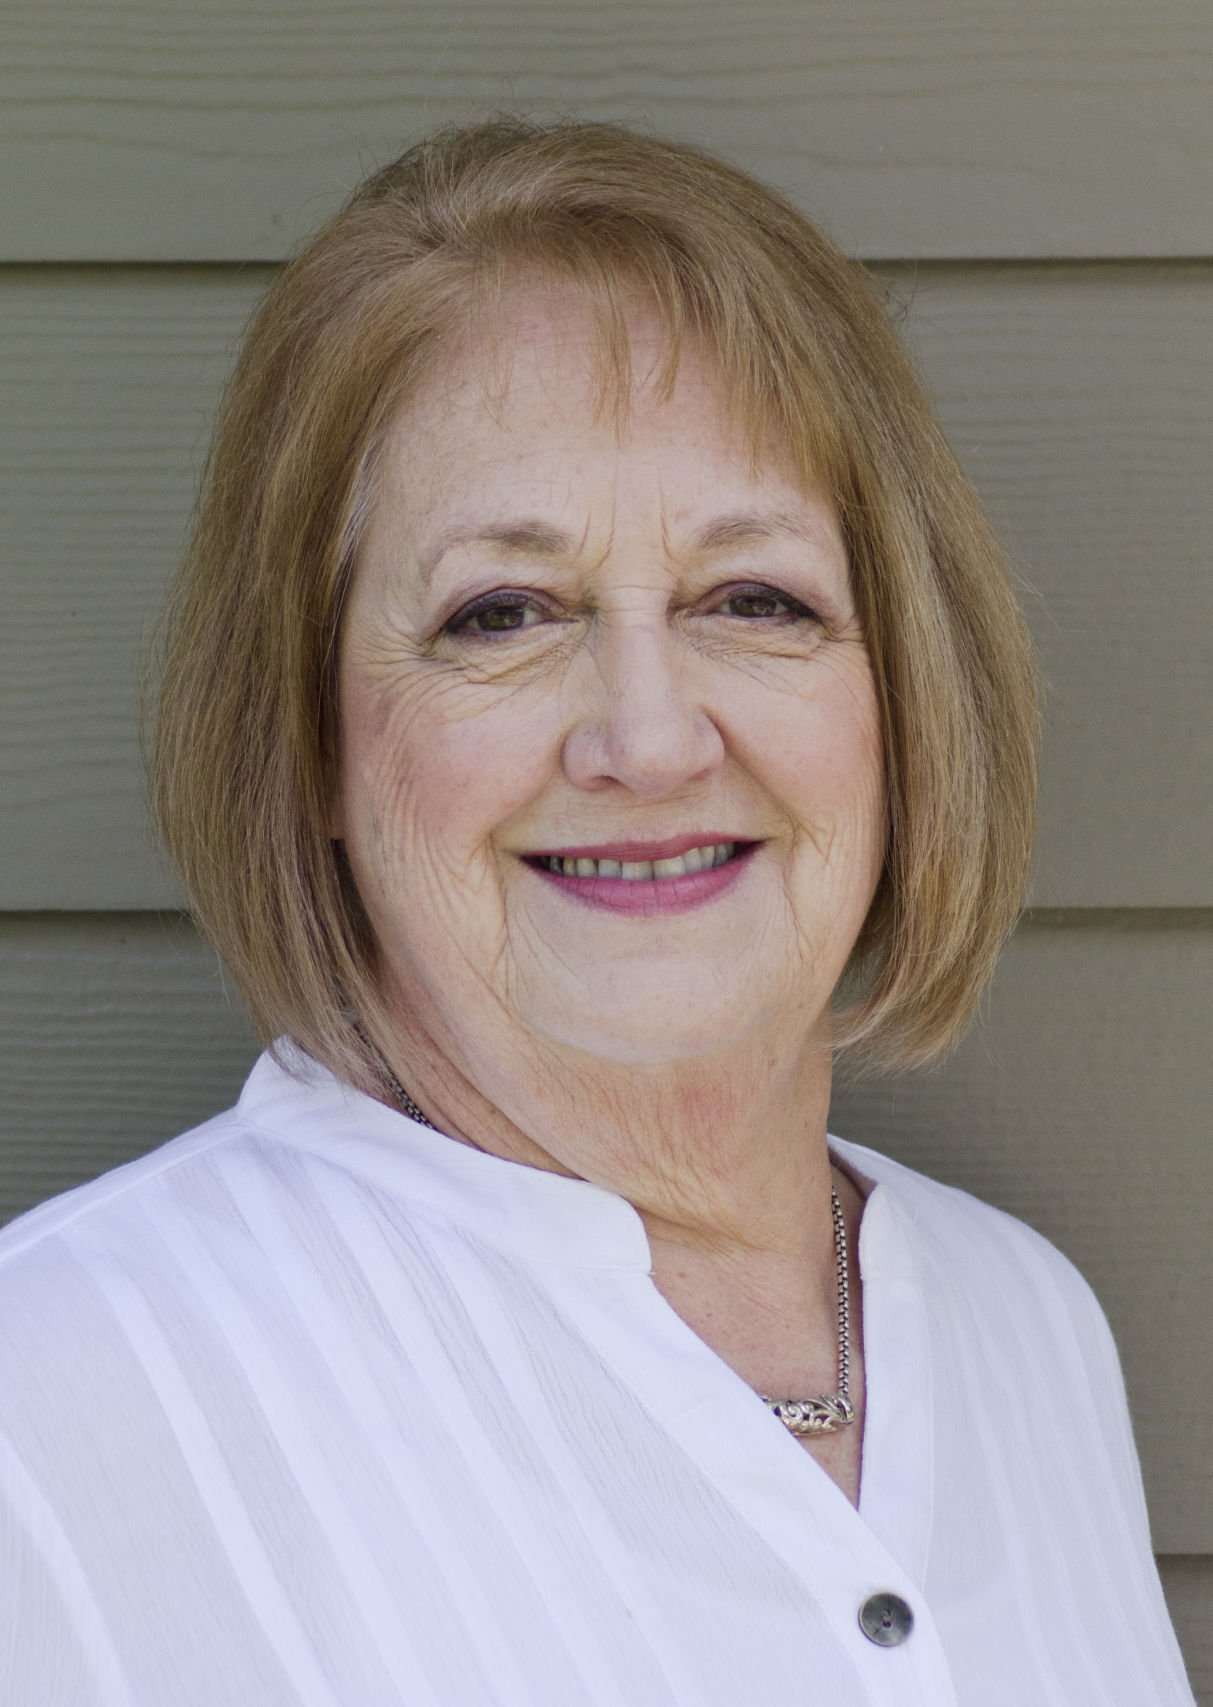 Carolyn Treadway mug